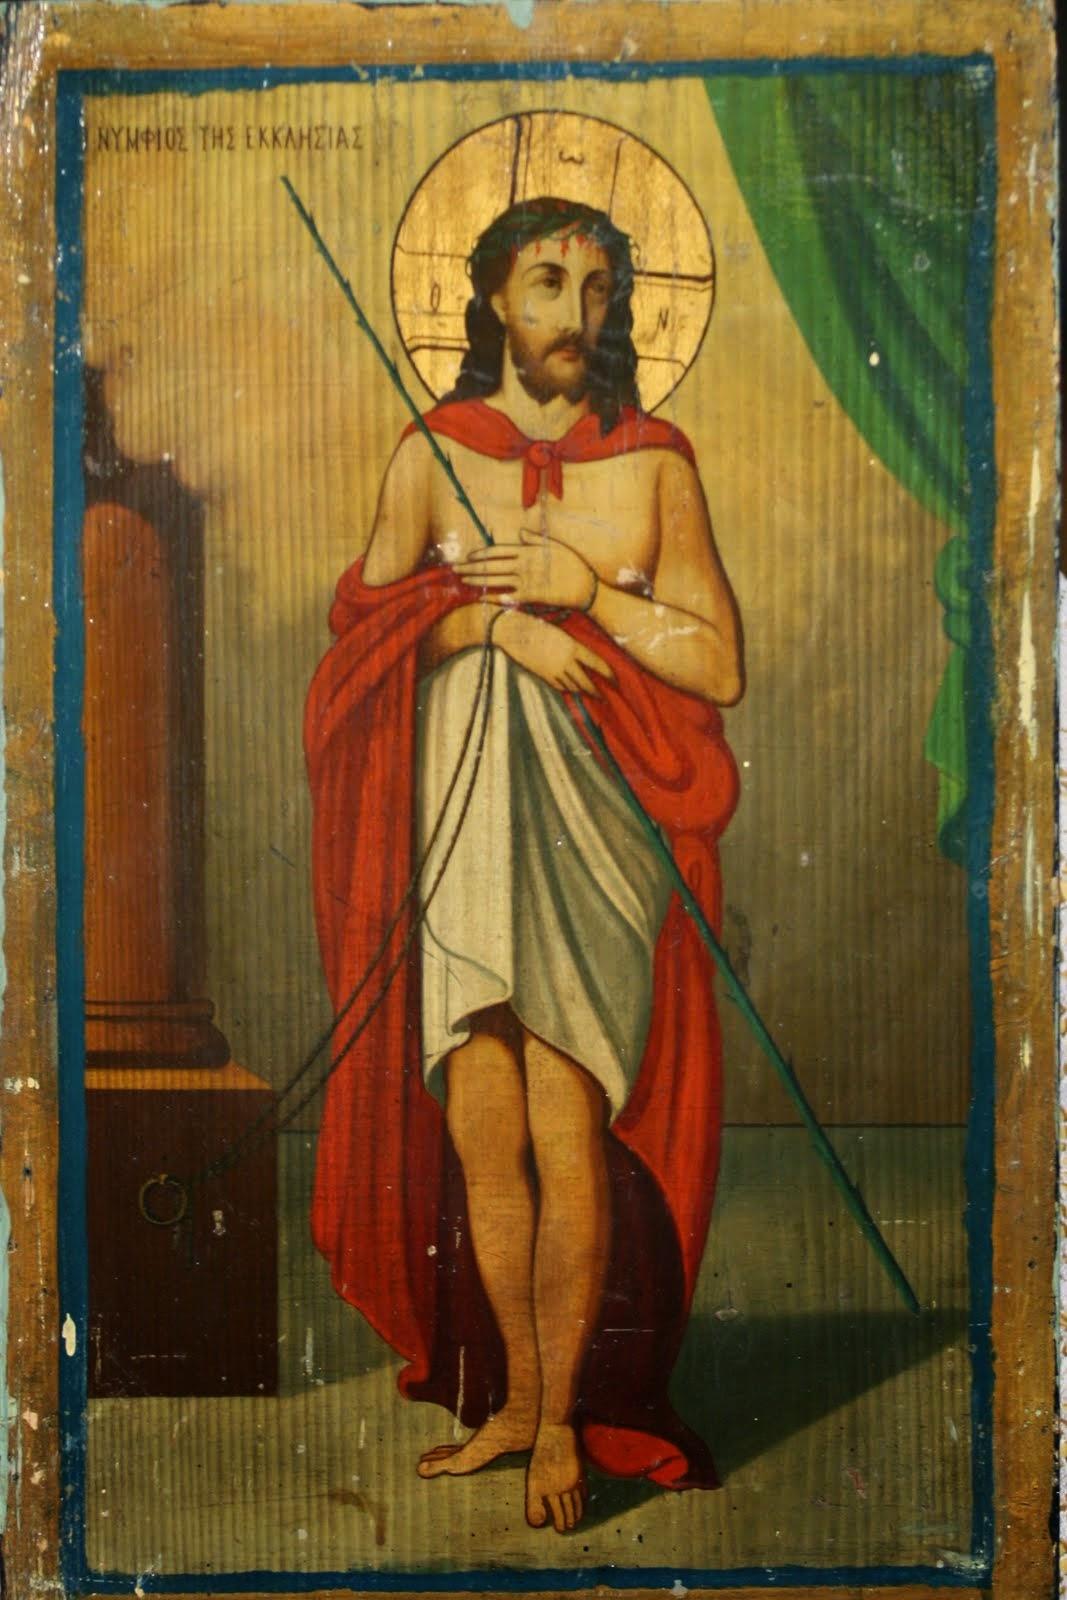 Ο Τίμιος Κάλαμος της Ιεράς Μονής Βατοπαιδίου Αγίου Όρους http://leipsanothiki.blogspot.be/